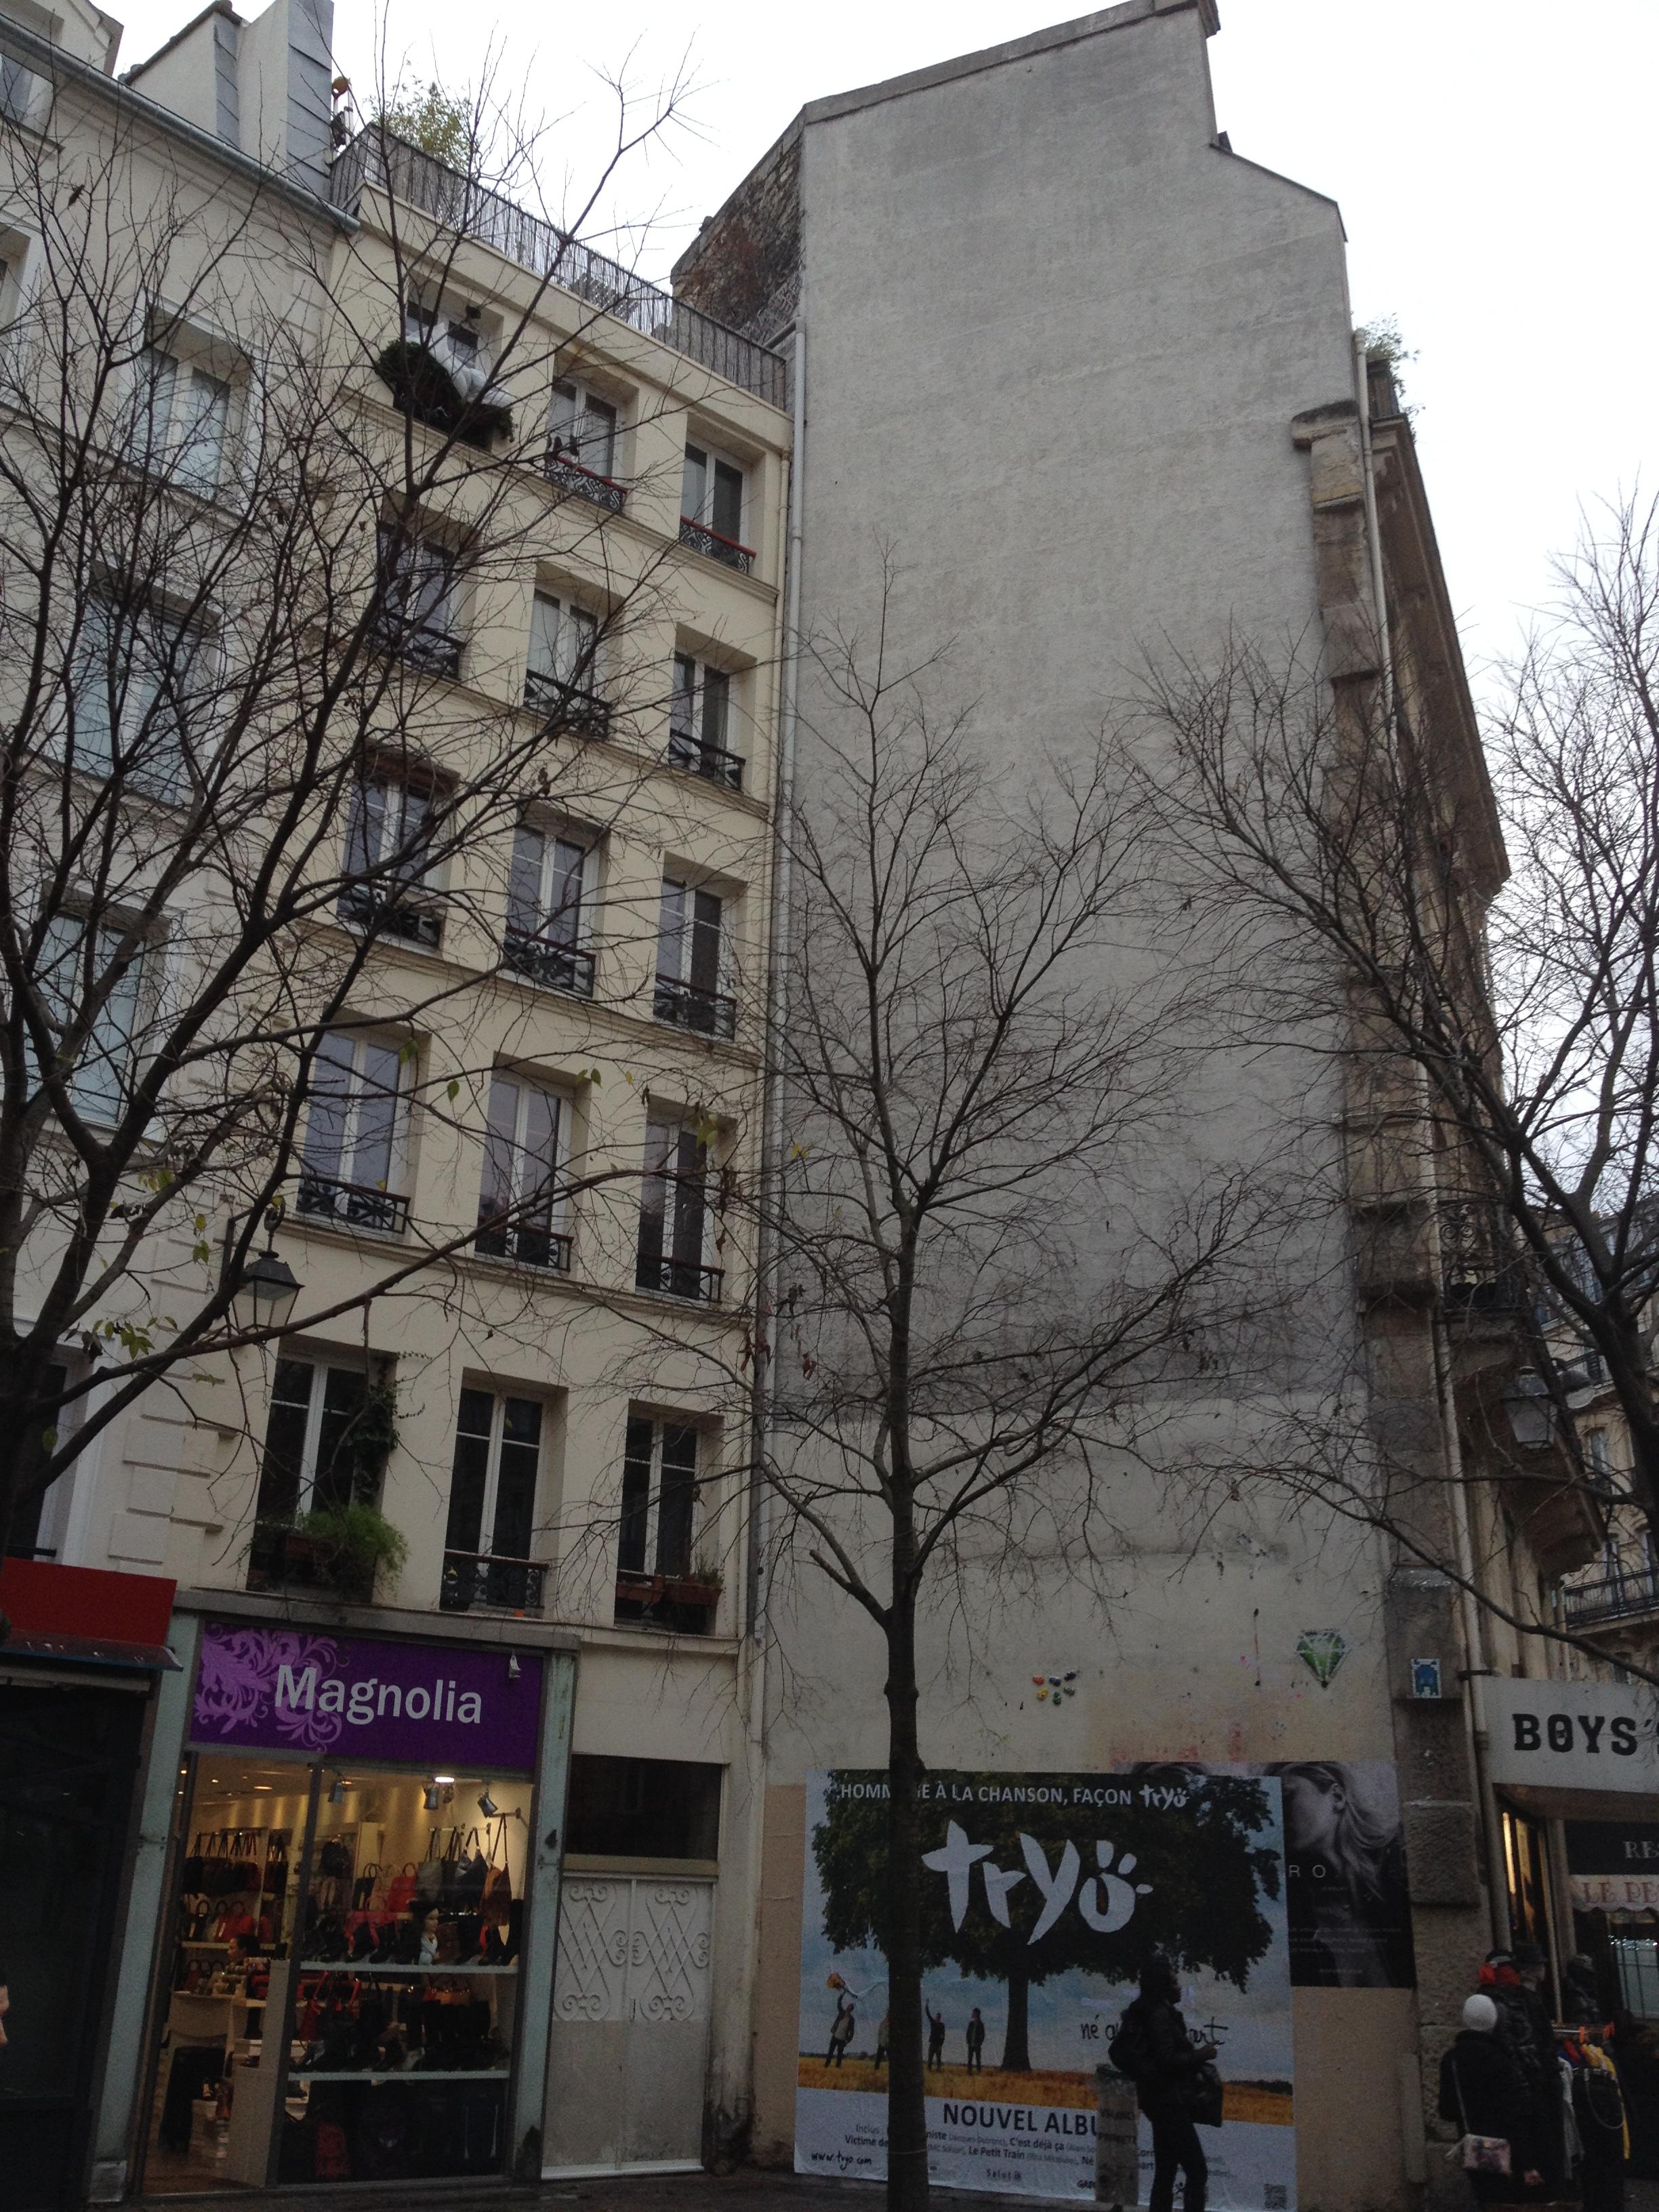 Le mur de la place St Opportune support de nombreux affichages sauvages et graffitis.